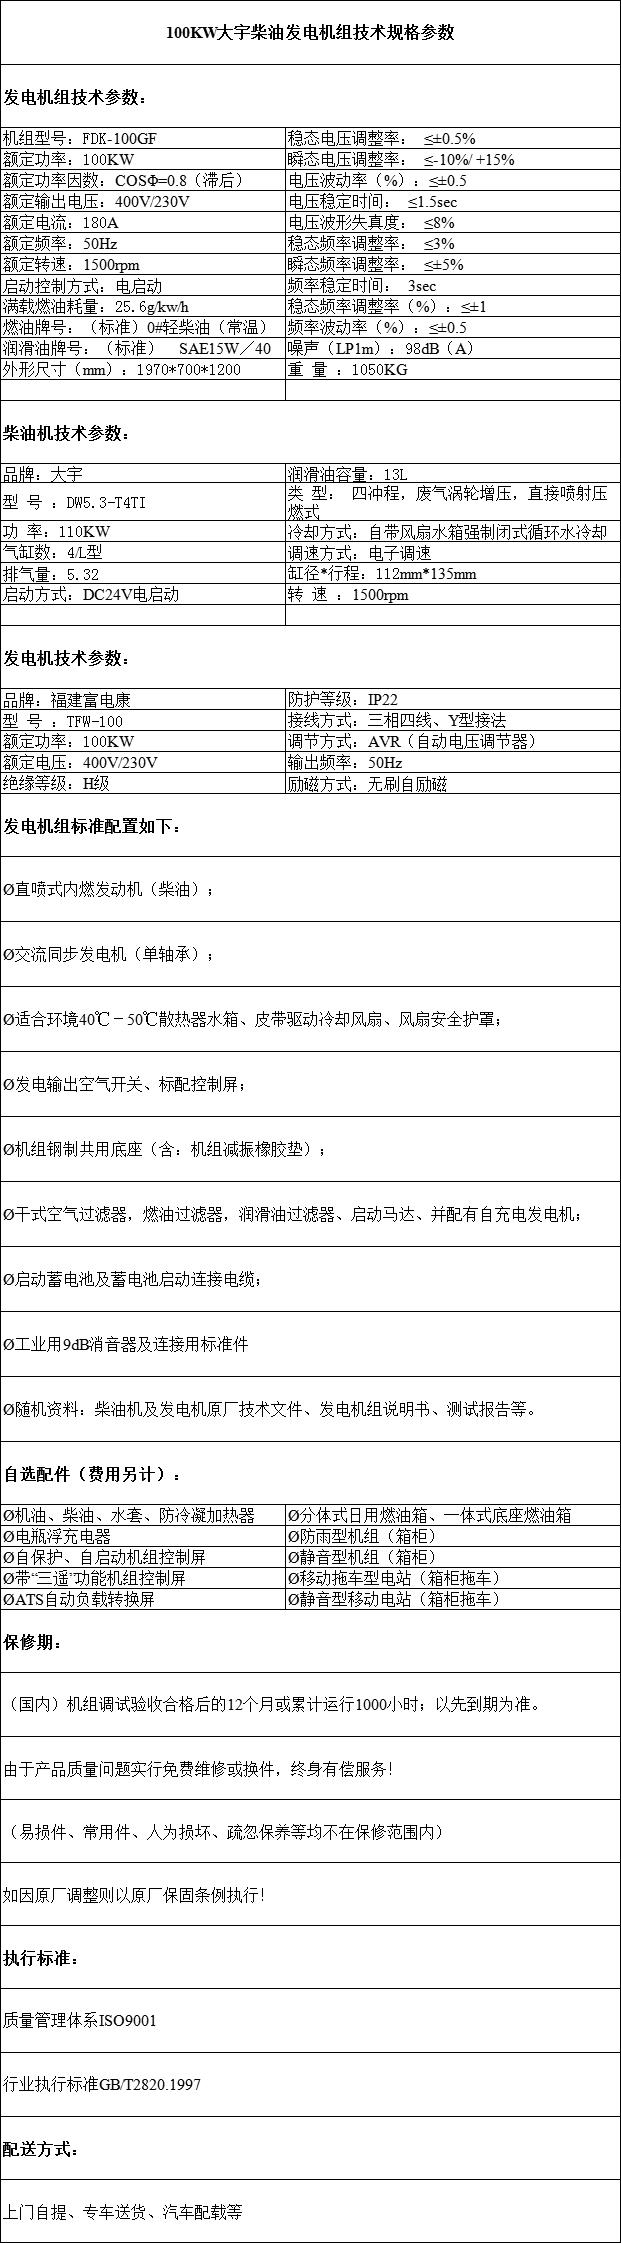 100KW大宇柴油发电机组